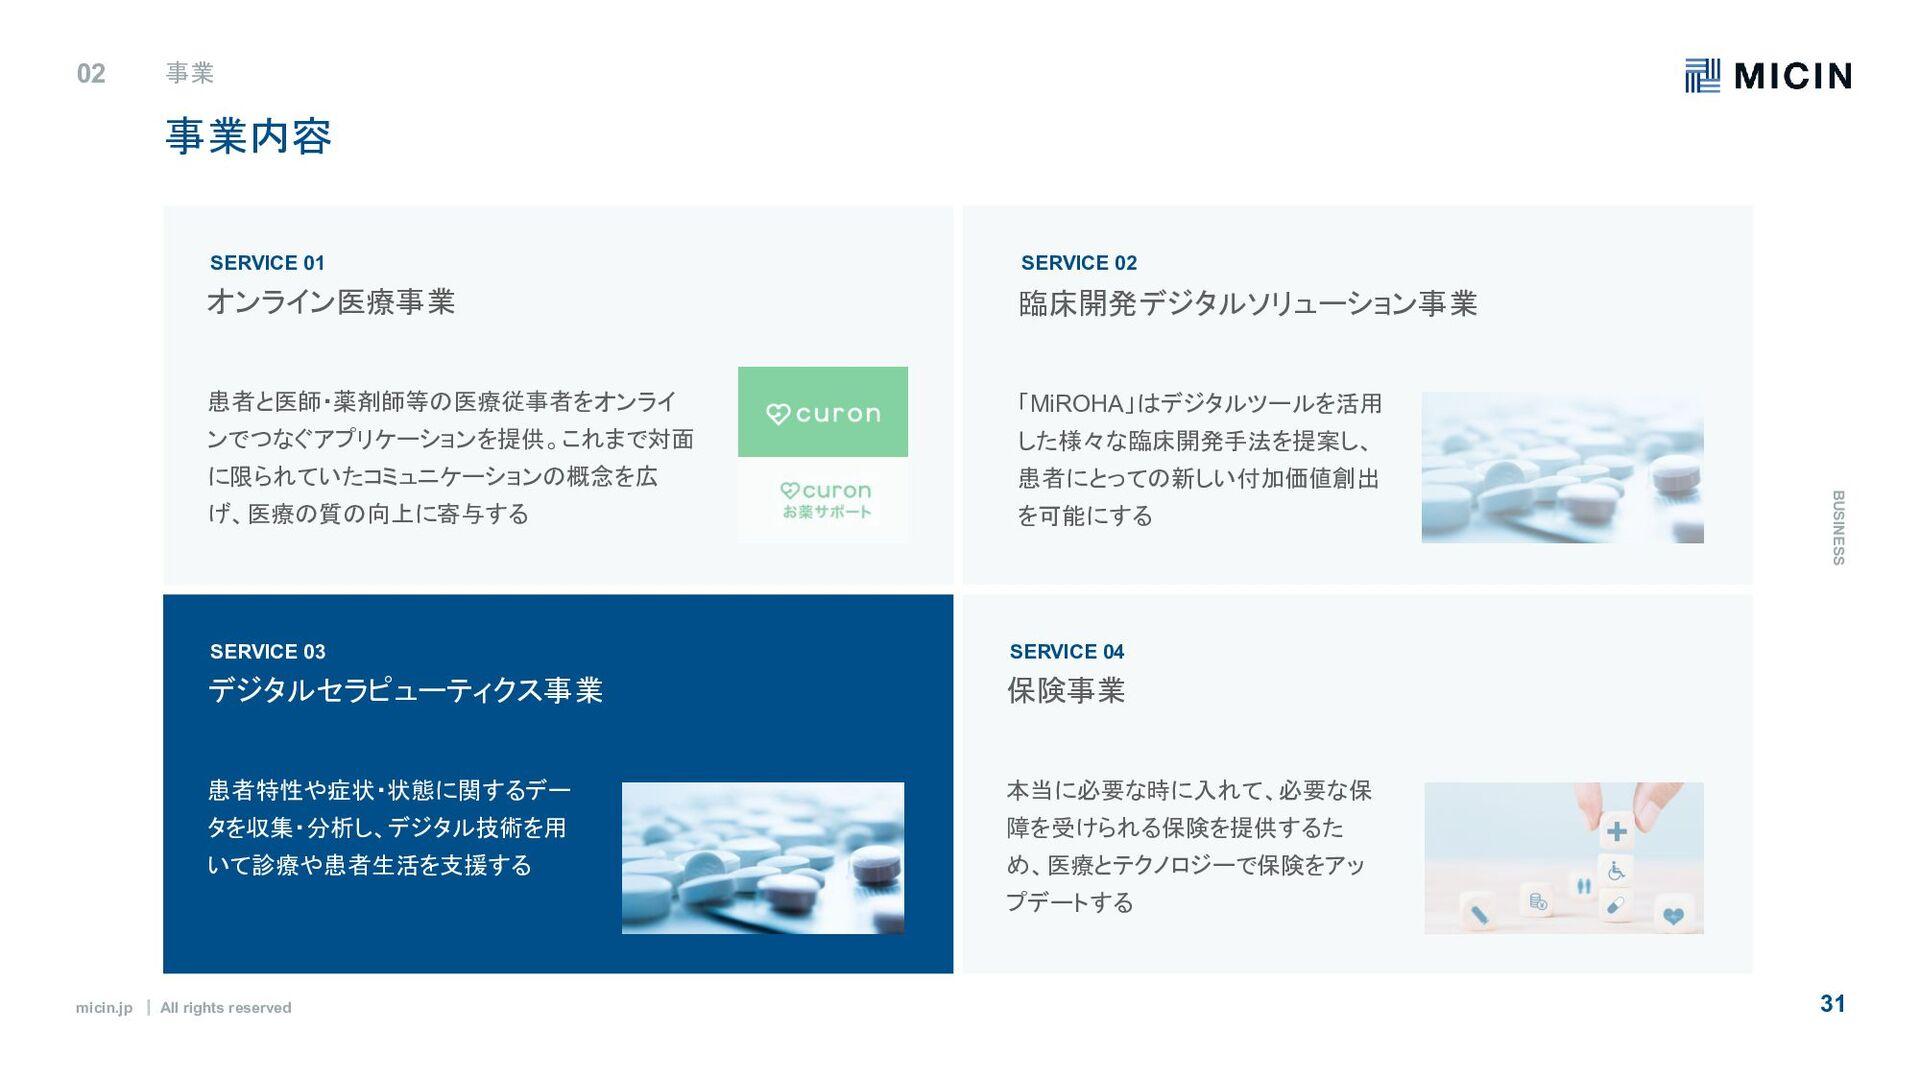 micin.jp ʛ All rights reserved 31 02 事業 B U S I...